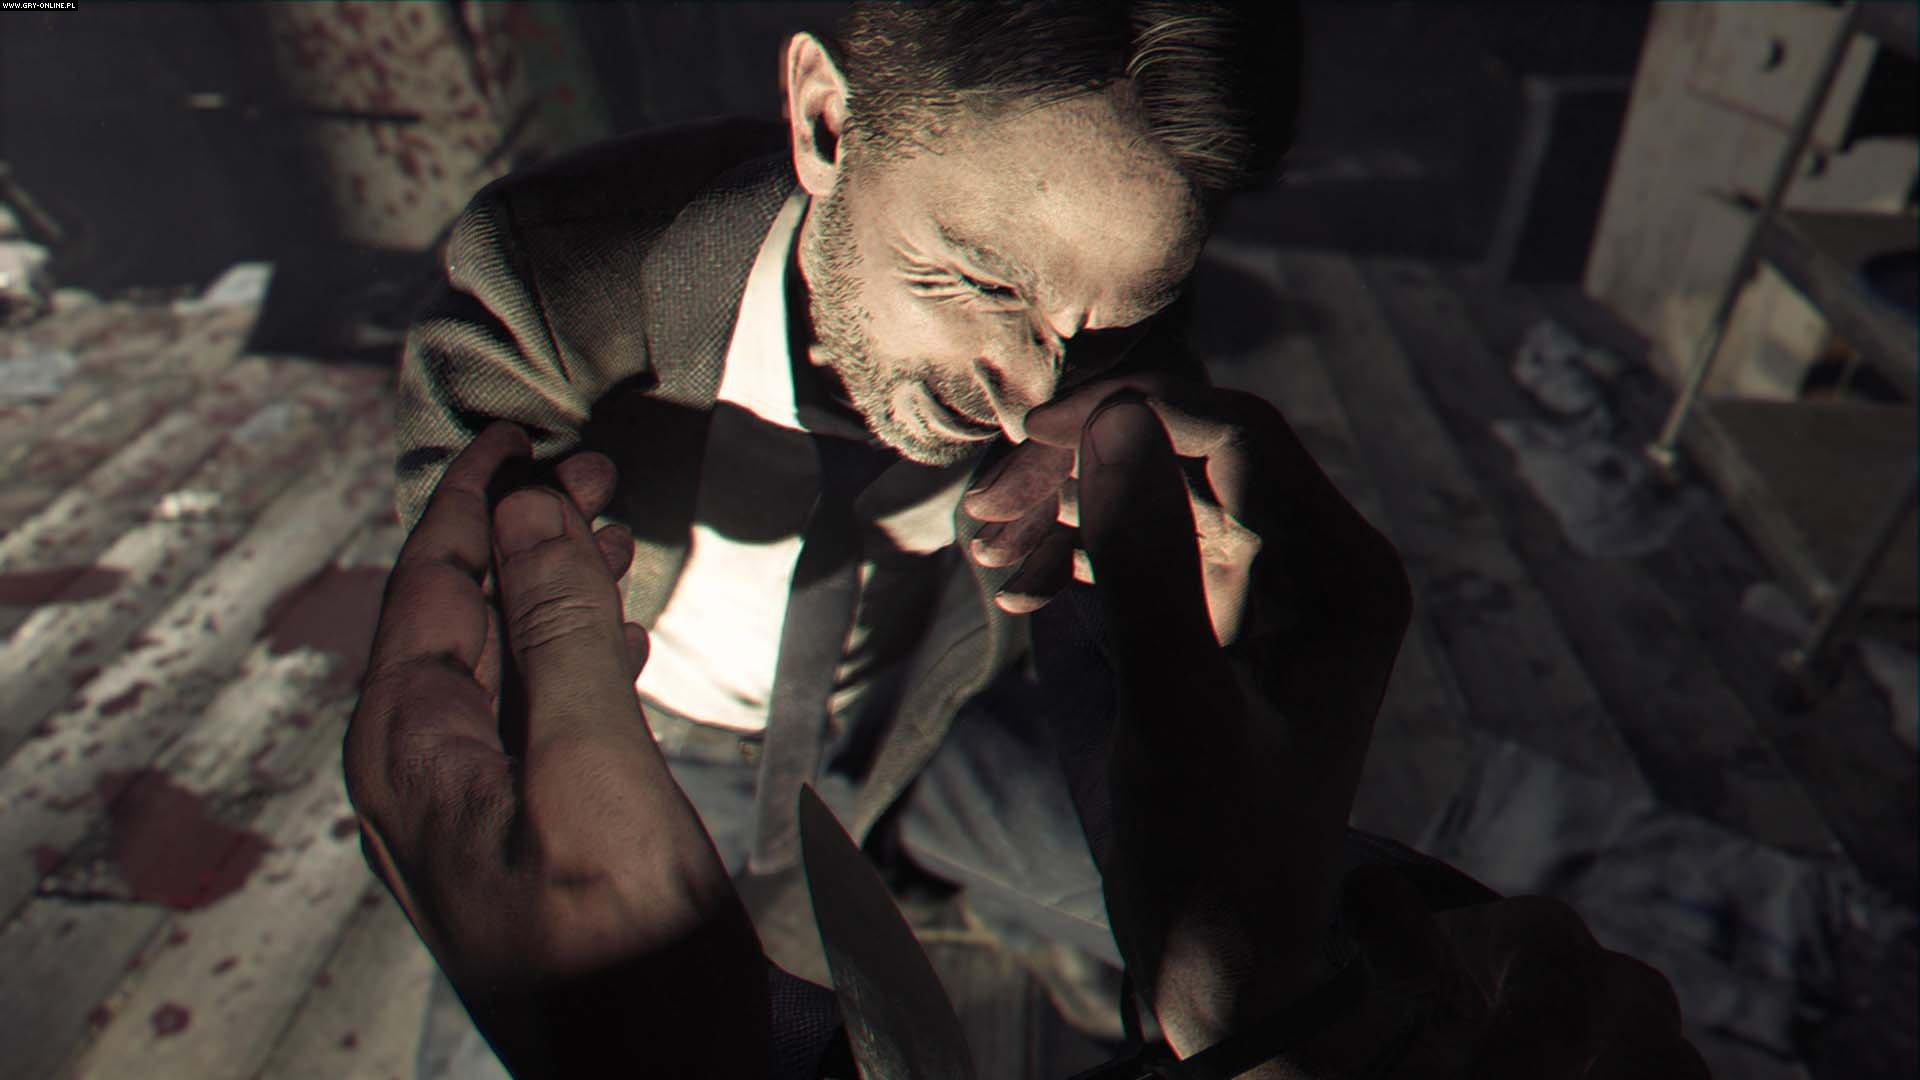 Resident Evil VII: Biohazard PC, PS4, XONE Games Image 29/87, Capcom